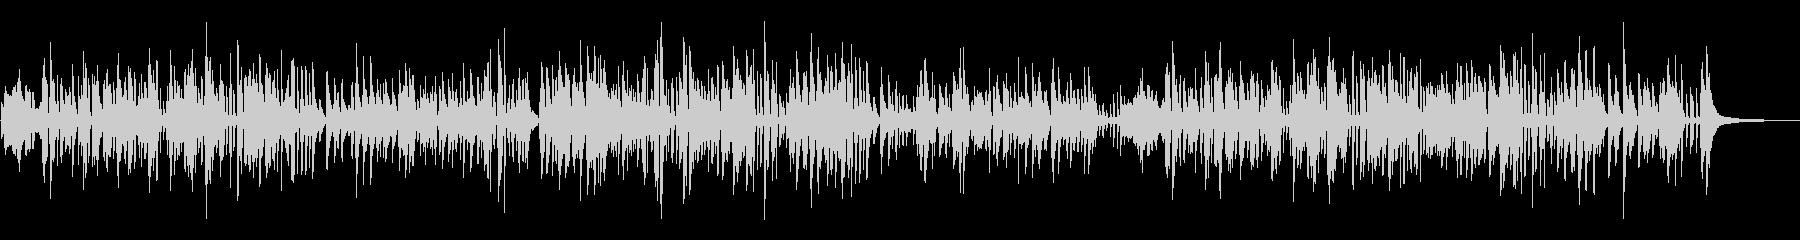 しっとりとしたジャズピアノの未再生の波形